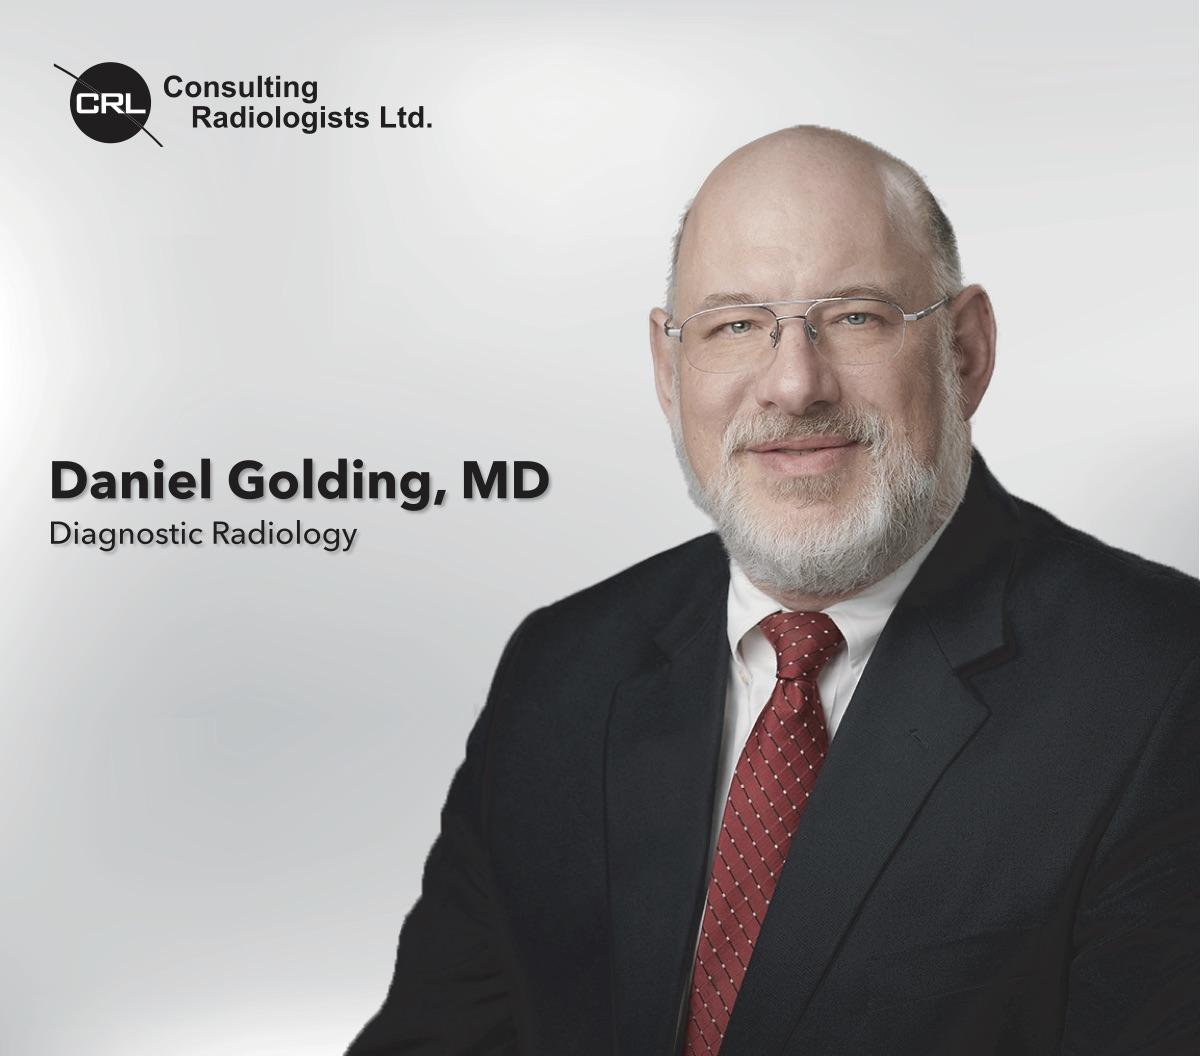 Dr. Daniel Golding